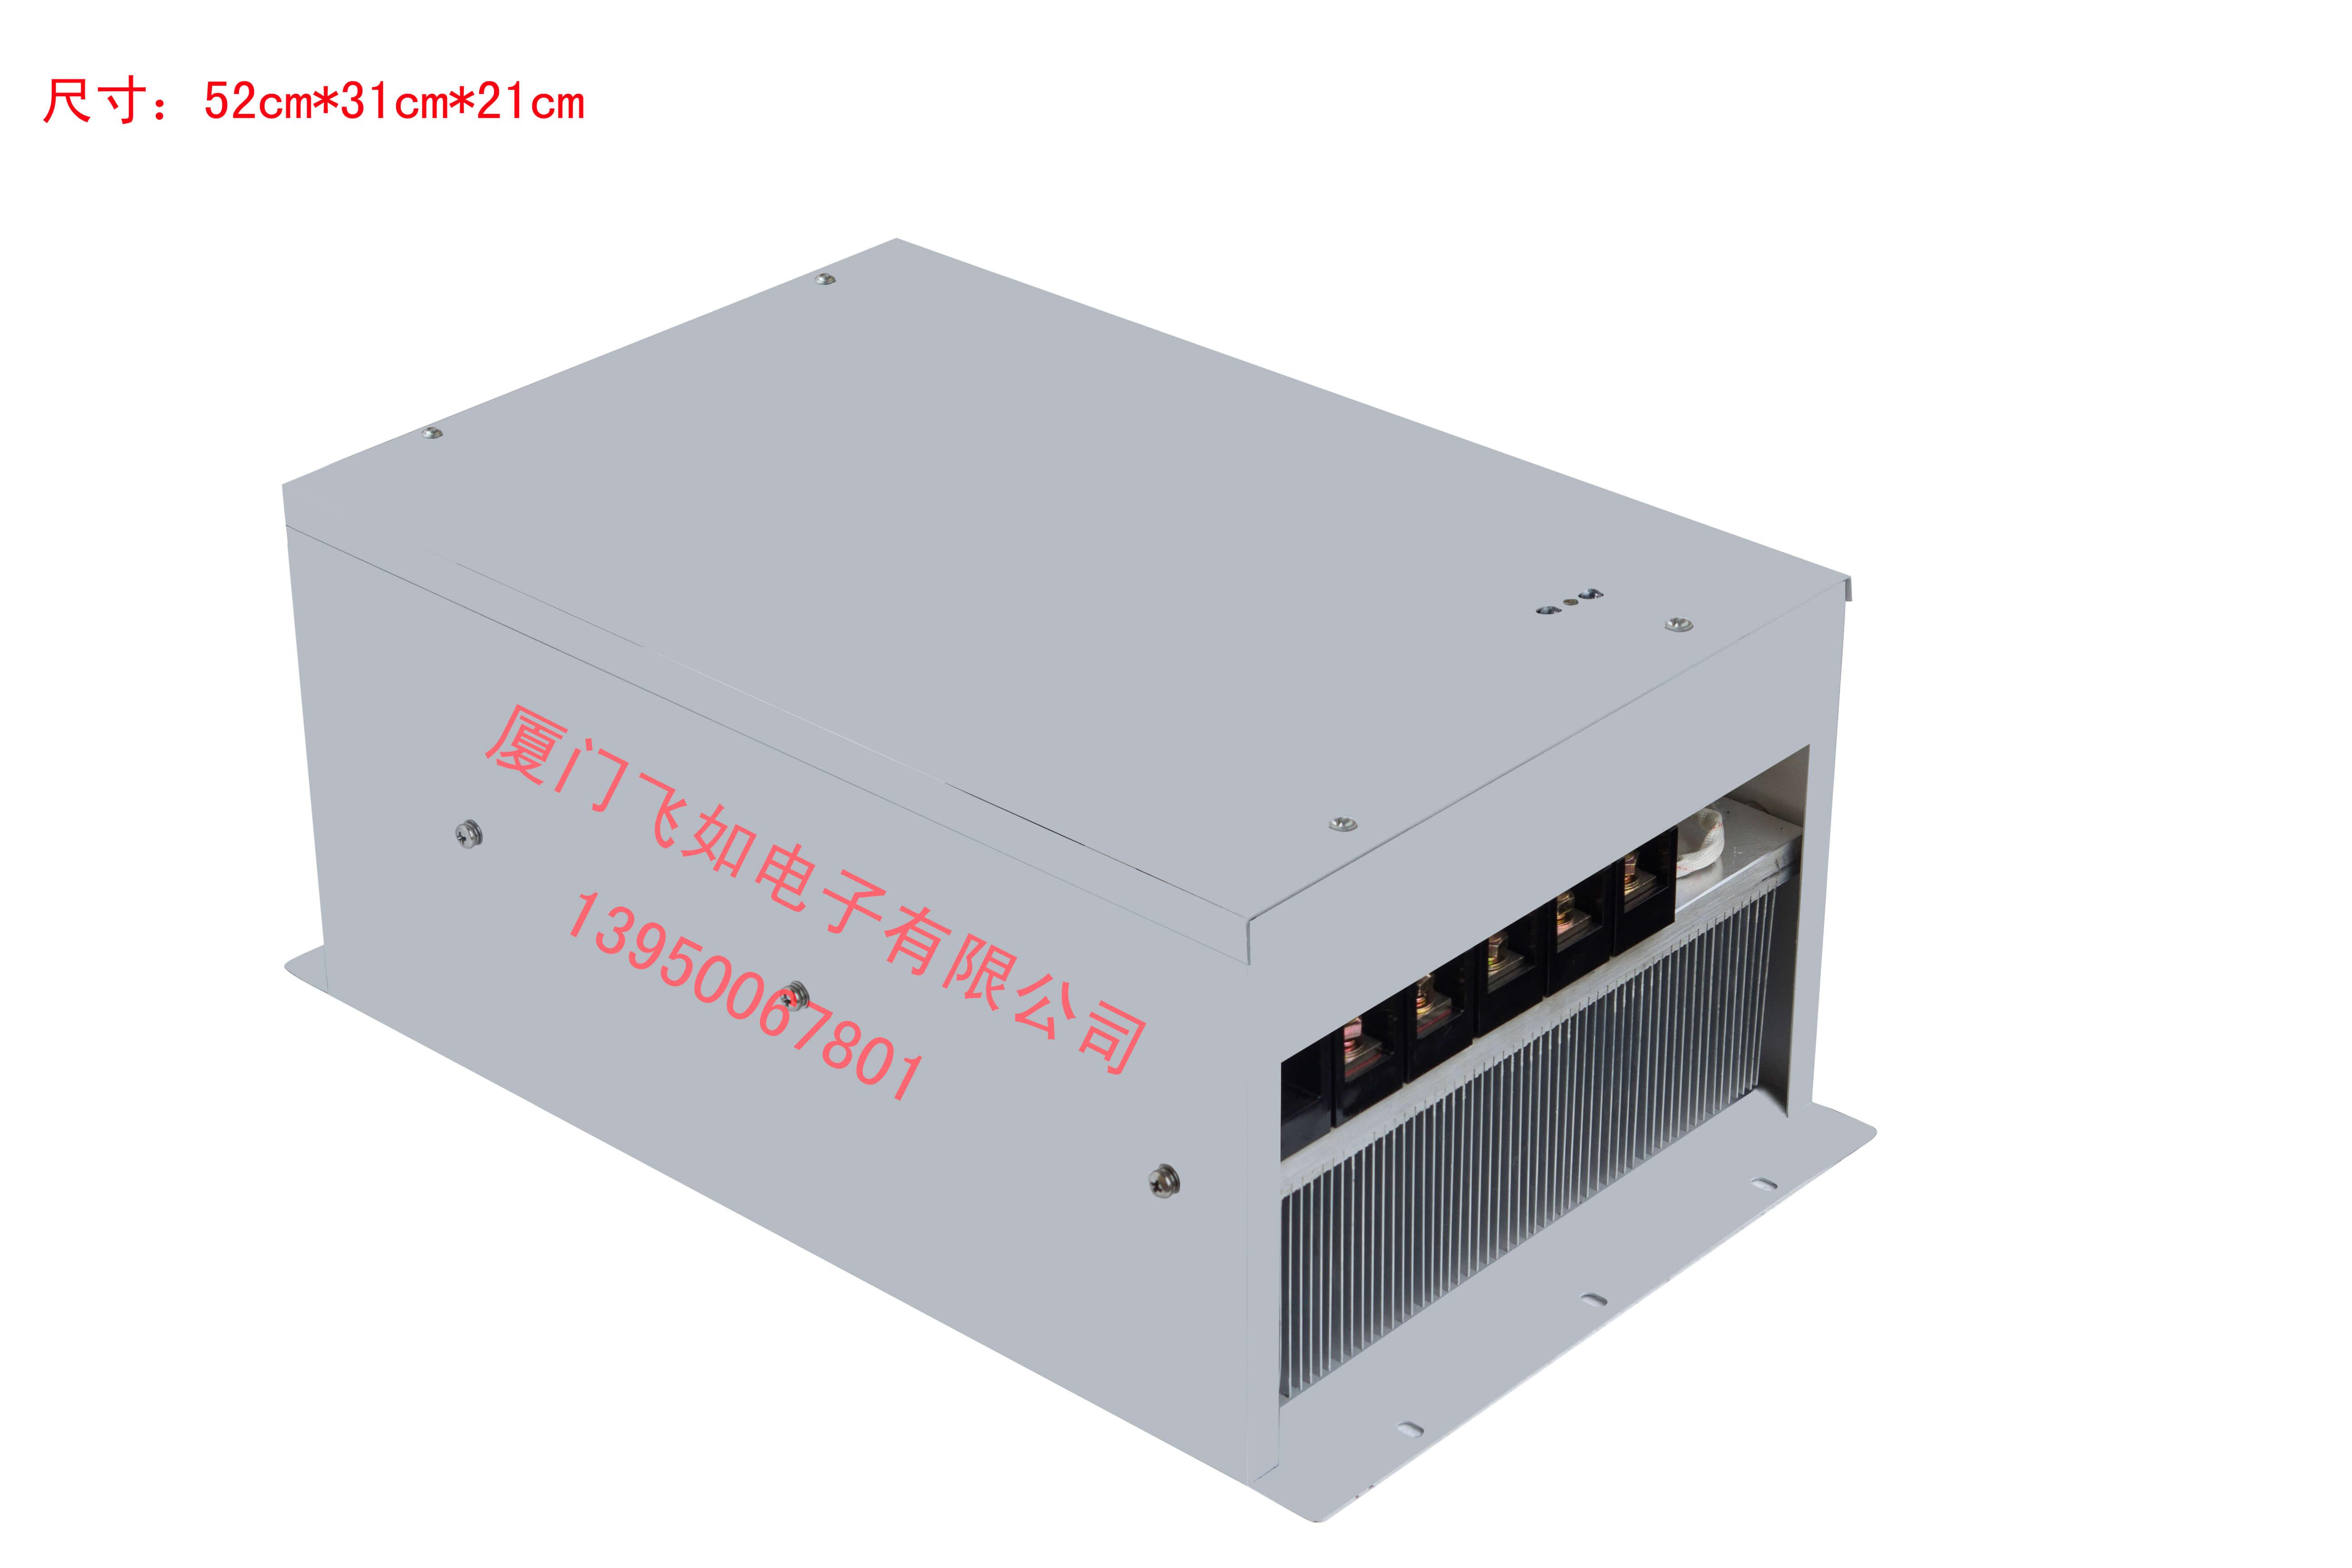 电磁加热主机、电磁加热水冷机柜、电磁加热风冷机柜(老款)